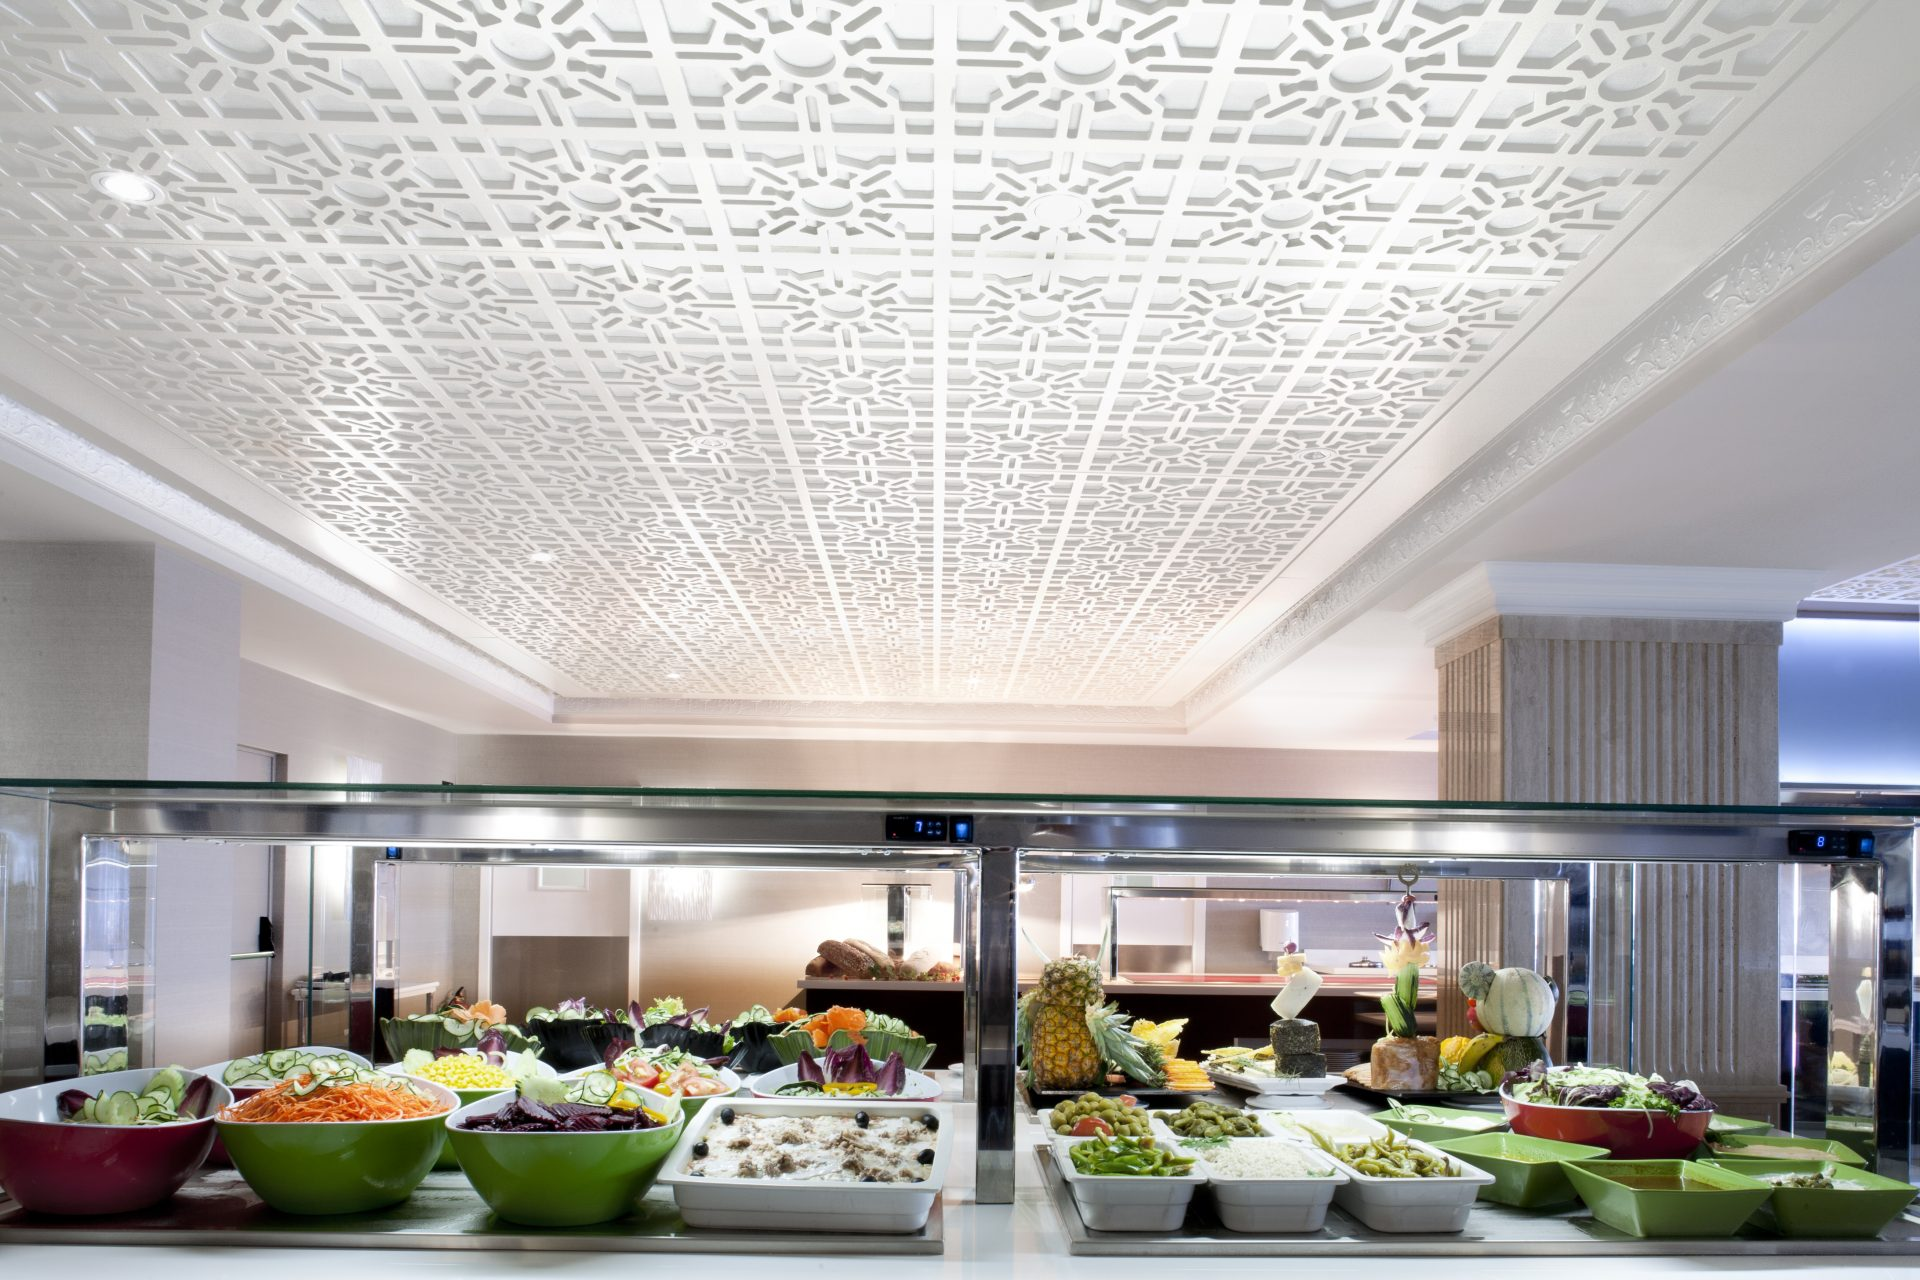 20B Restaurante Panorámico